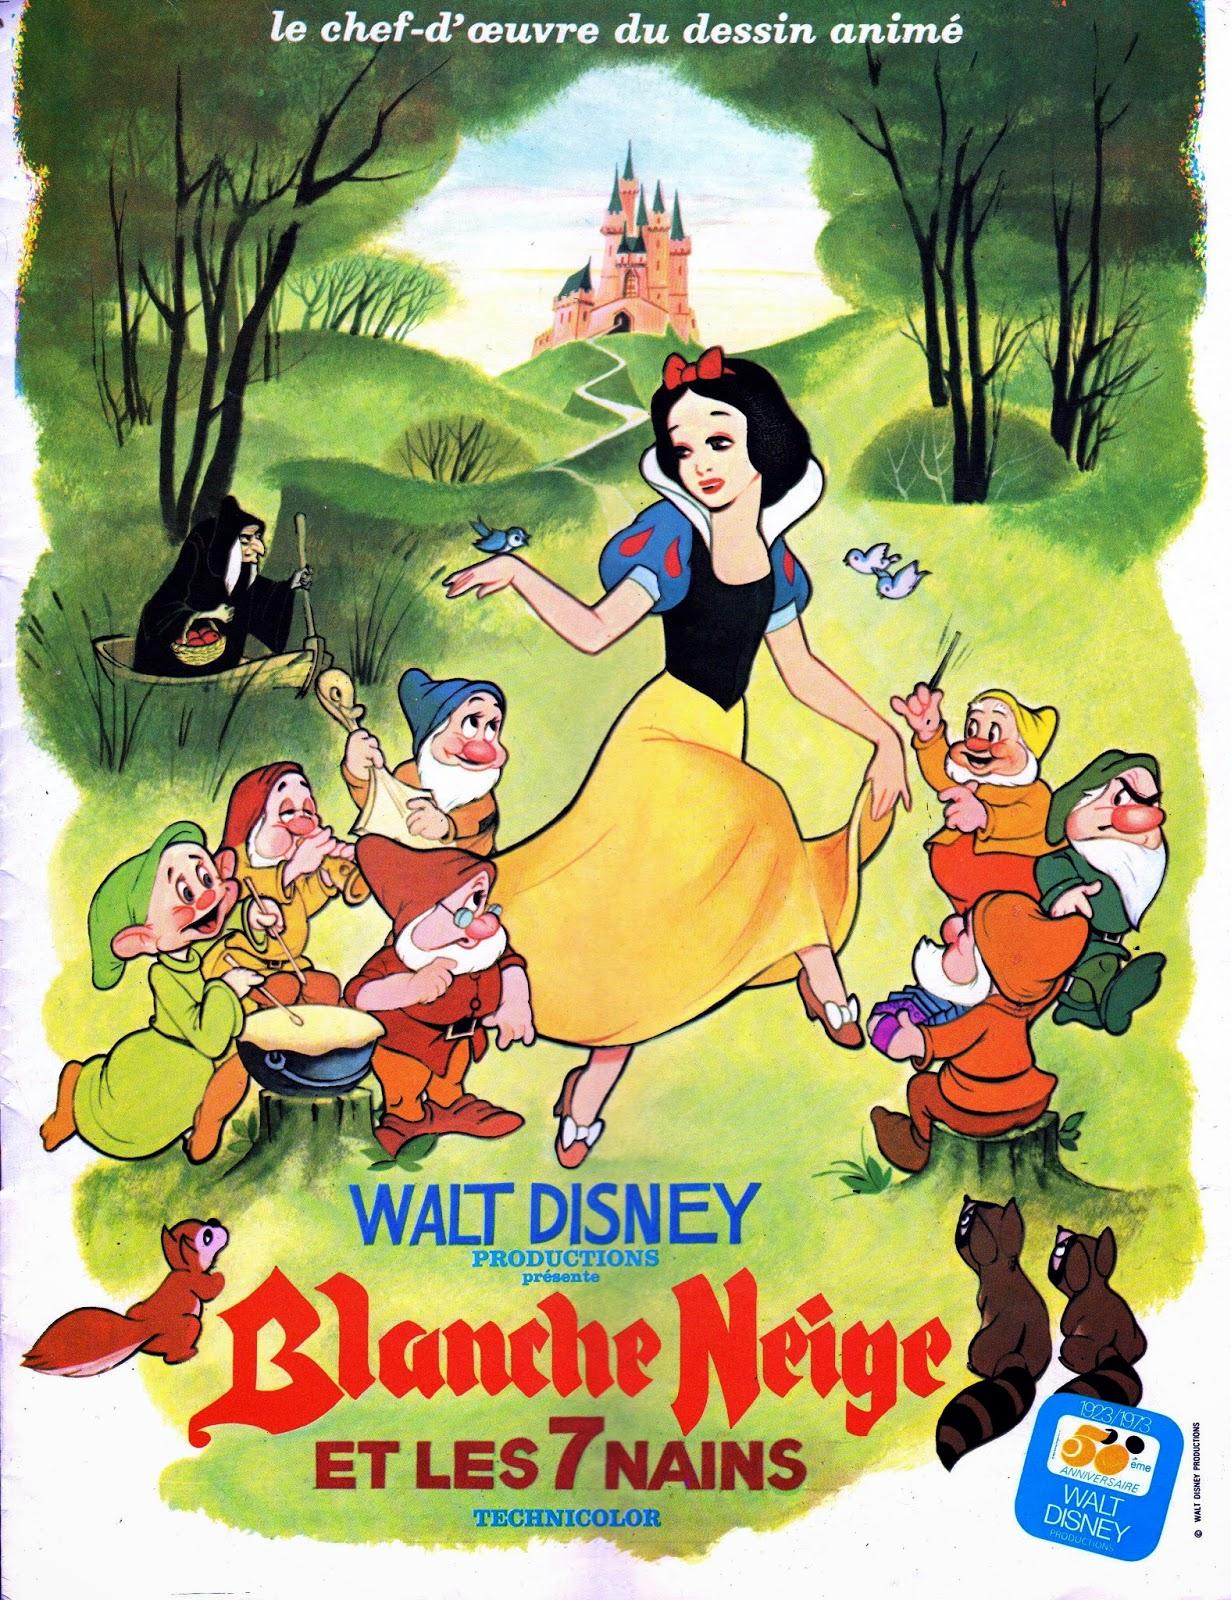 Film Perdu Les Sorties Françaises De Blanche Neige Et Les